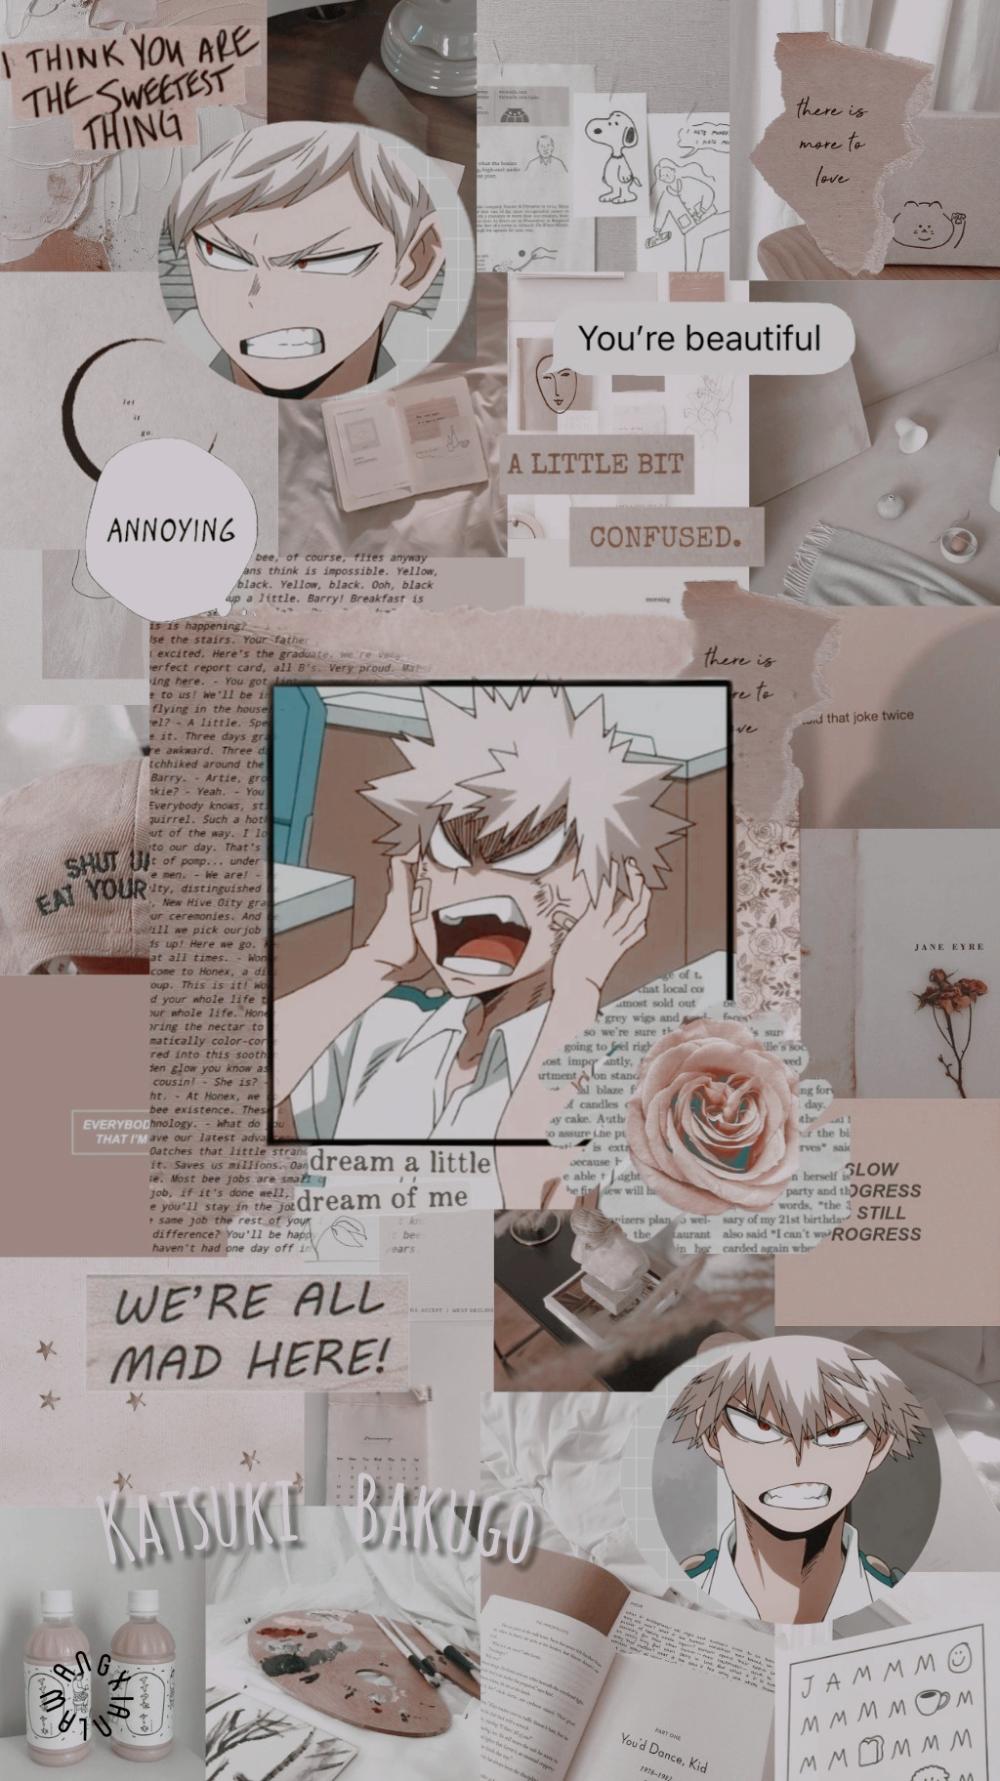 shinsou+wallpaper   Tumblr